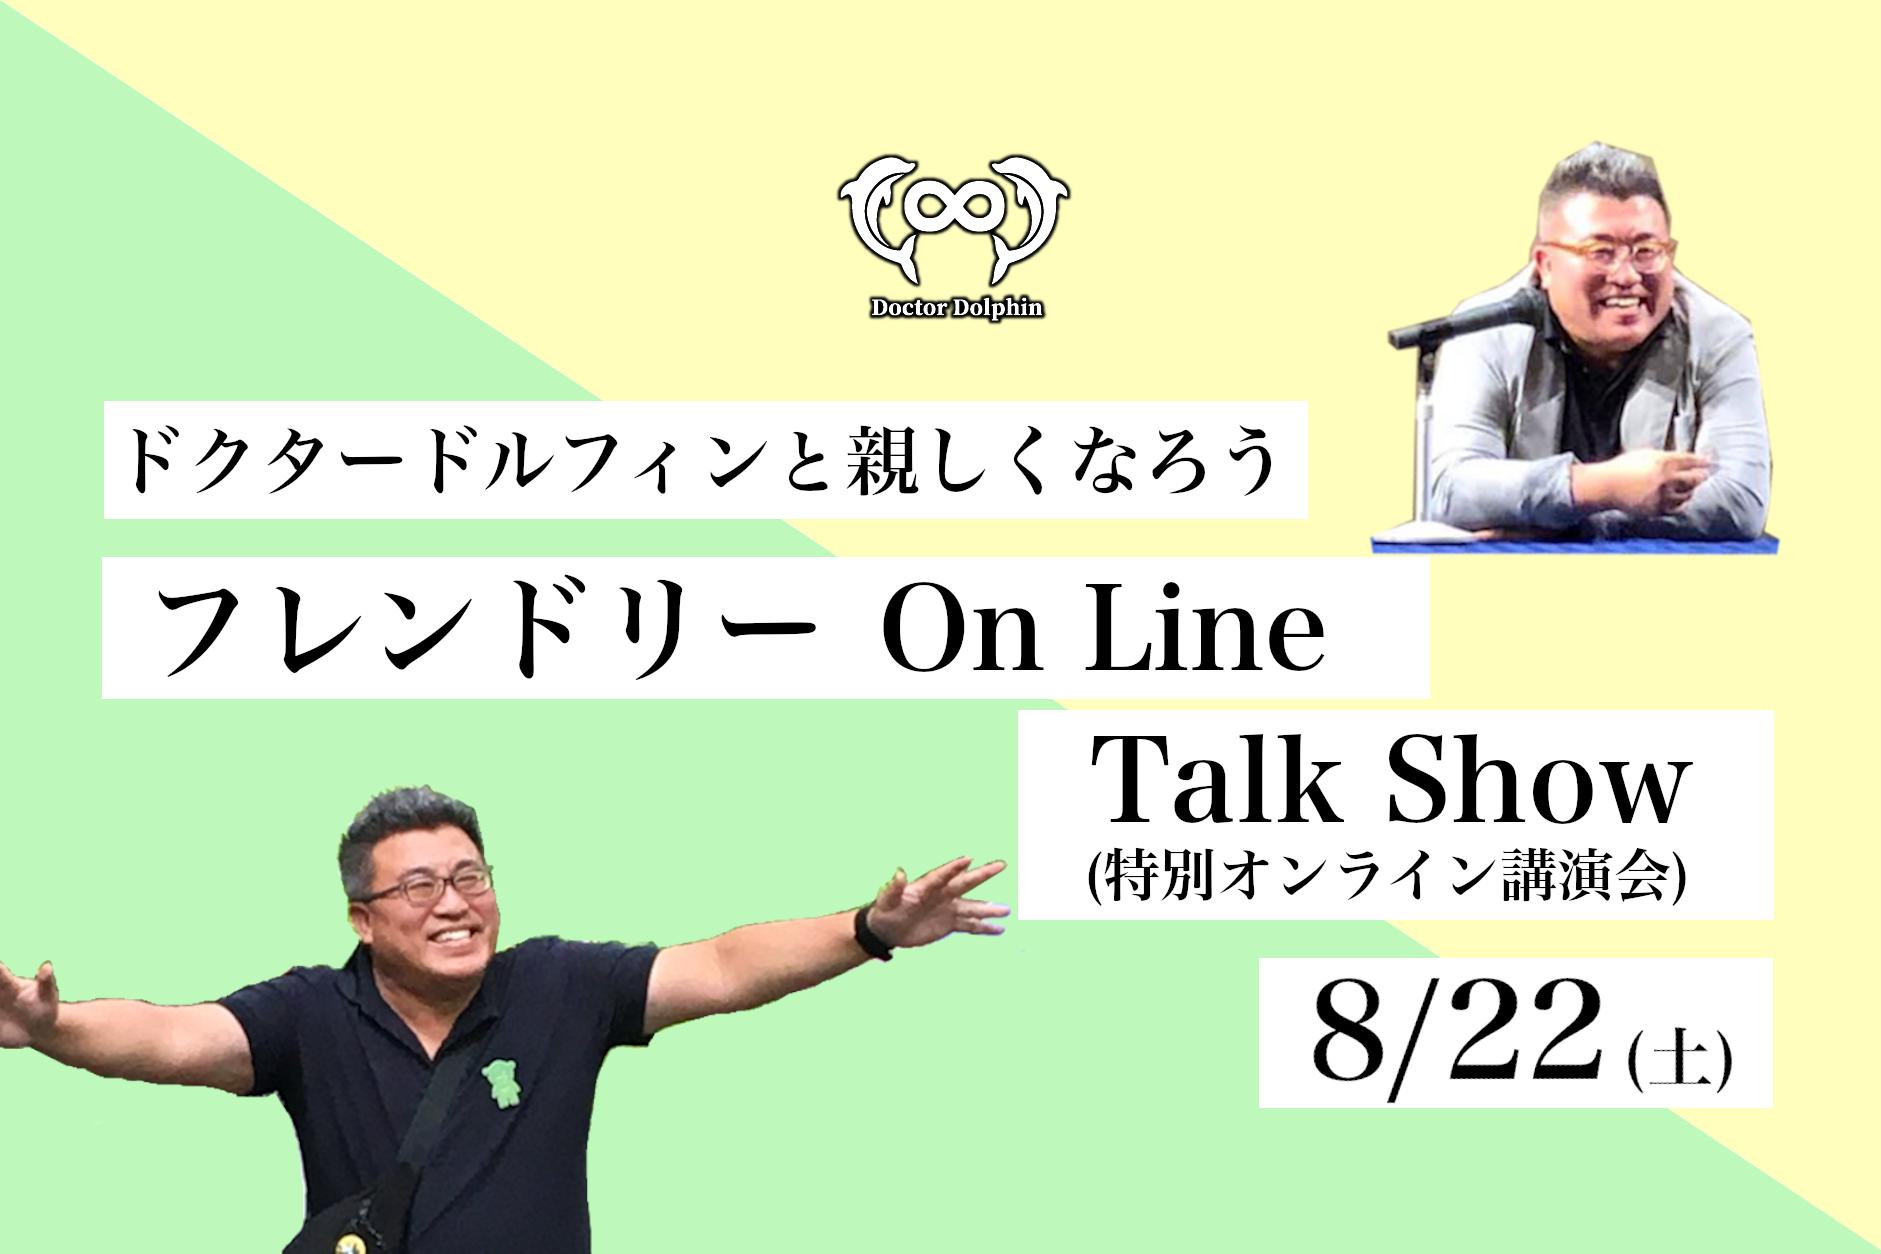 ドクタードルフィンと親しくなる フレンドリーOnLineTalkShow(特別オンライン講演会) 8/22(土)